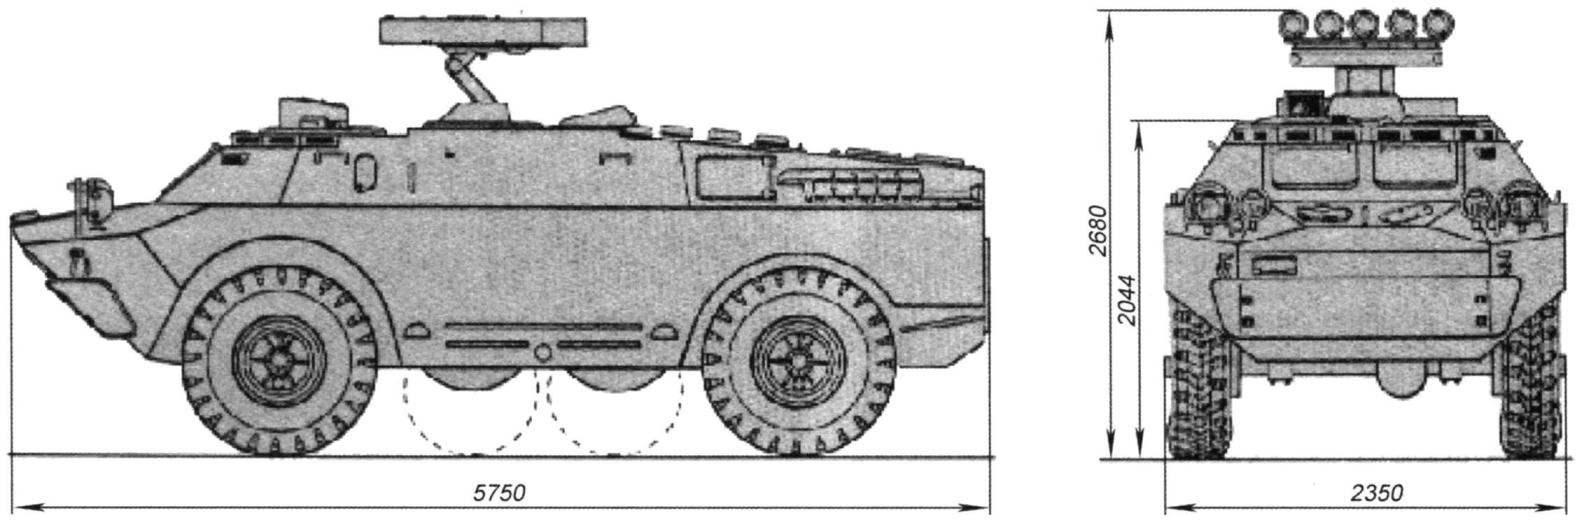 Боевая машина 9П148